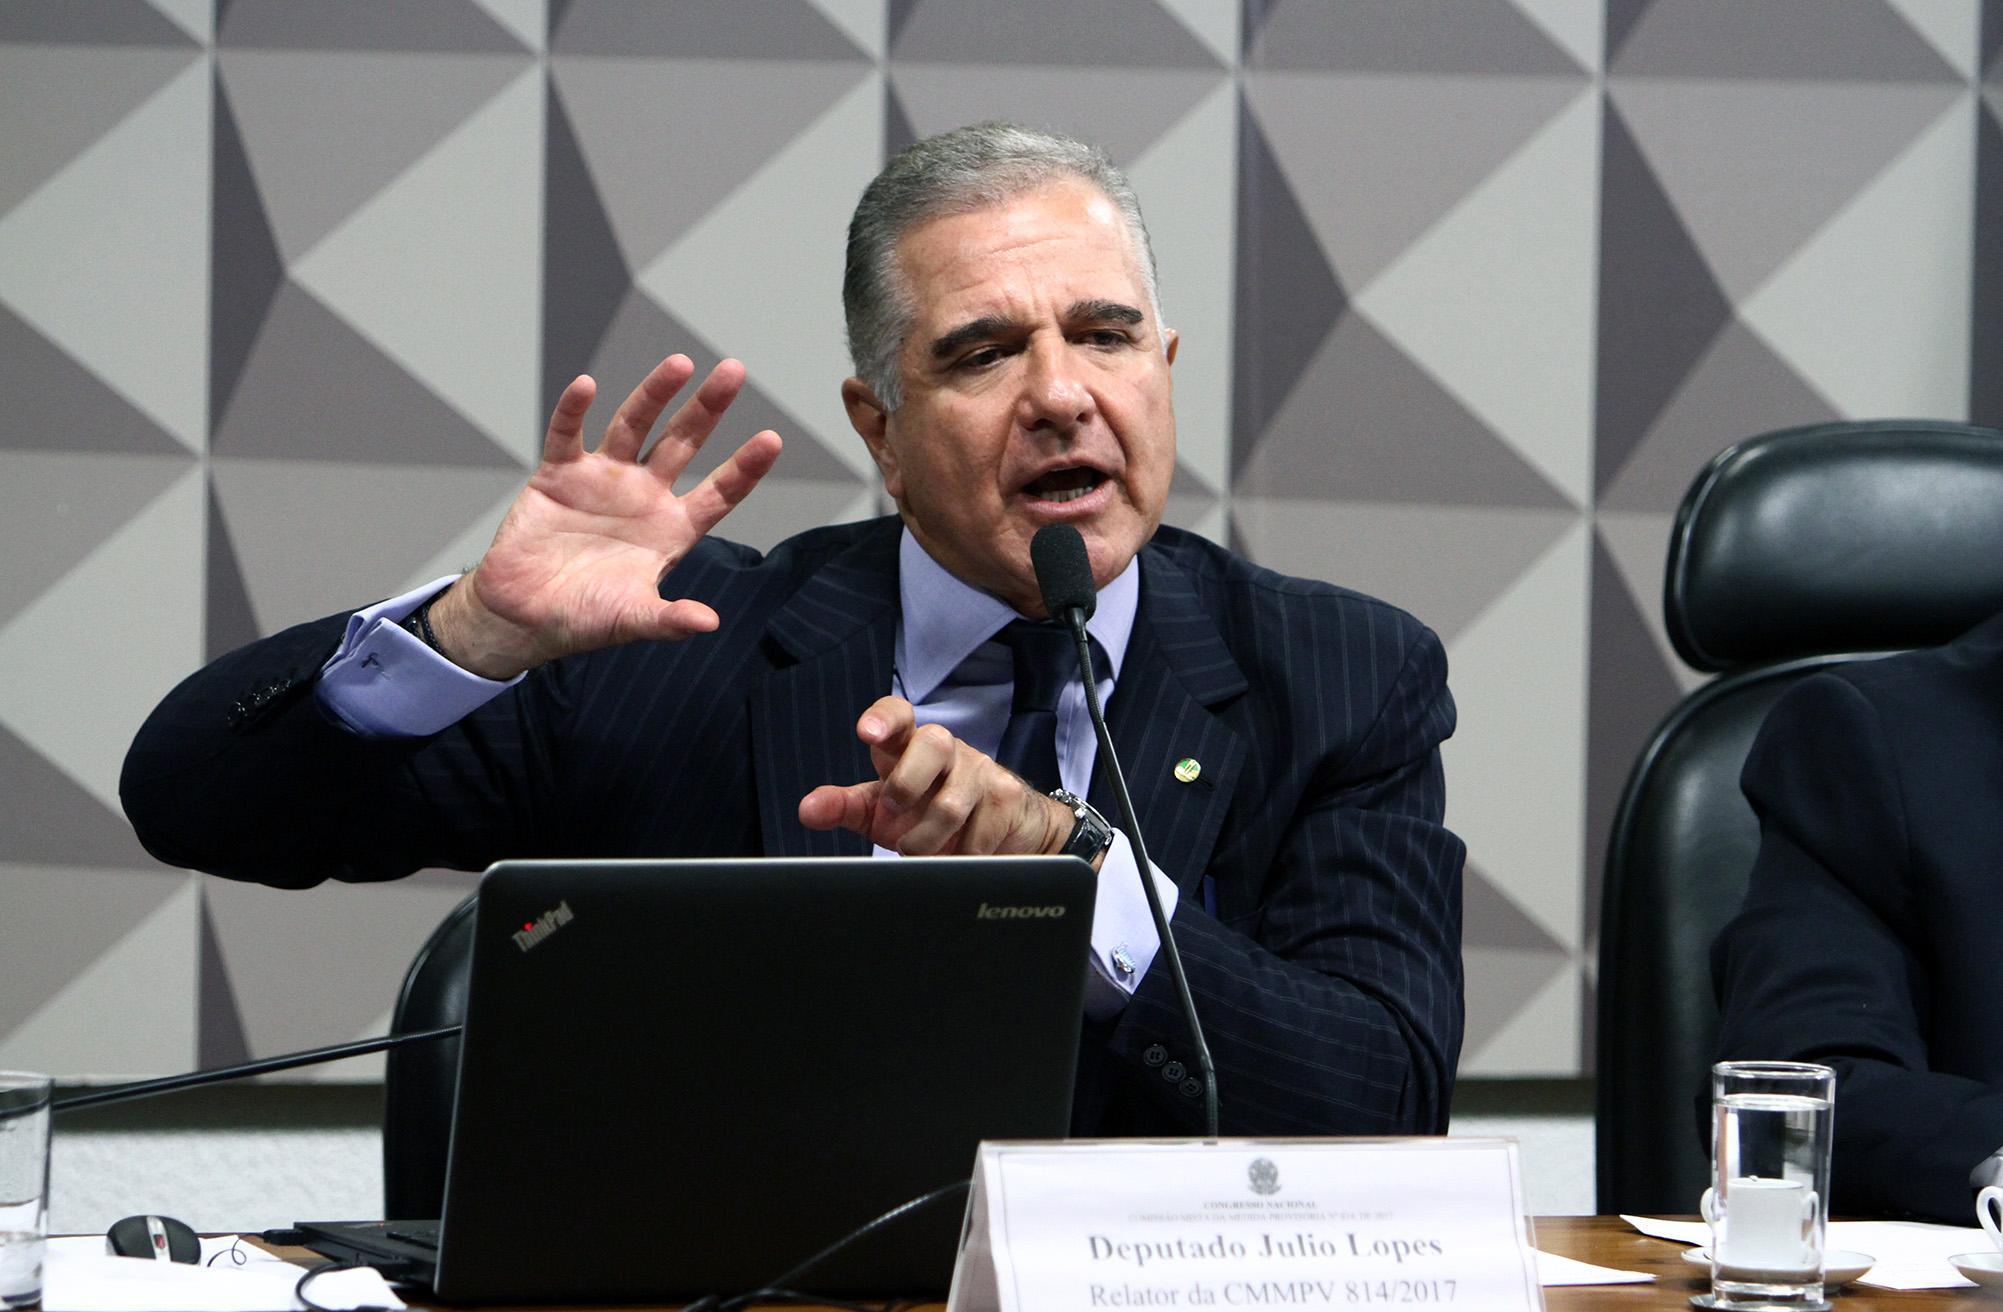 Reunião Ordinária. Dep Julio Lopes ( PP-RJ)